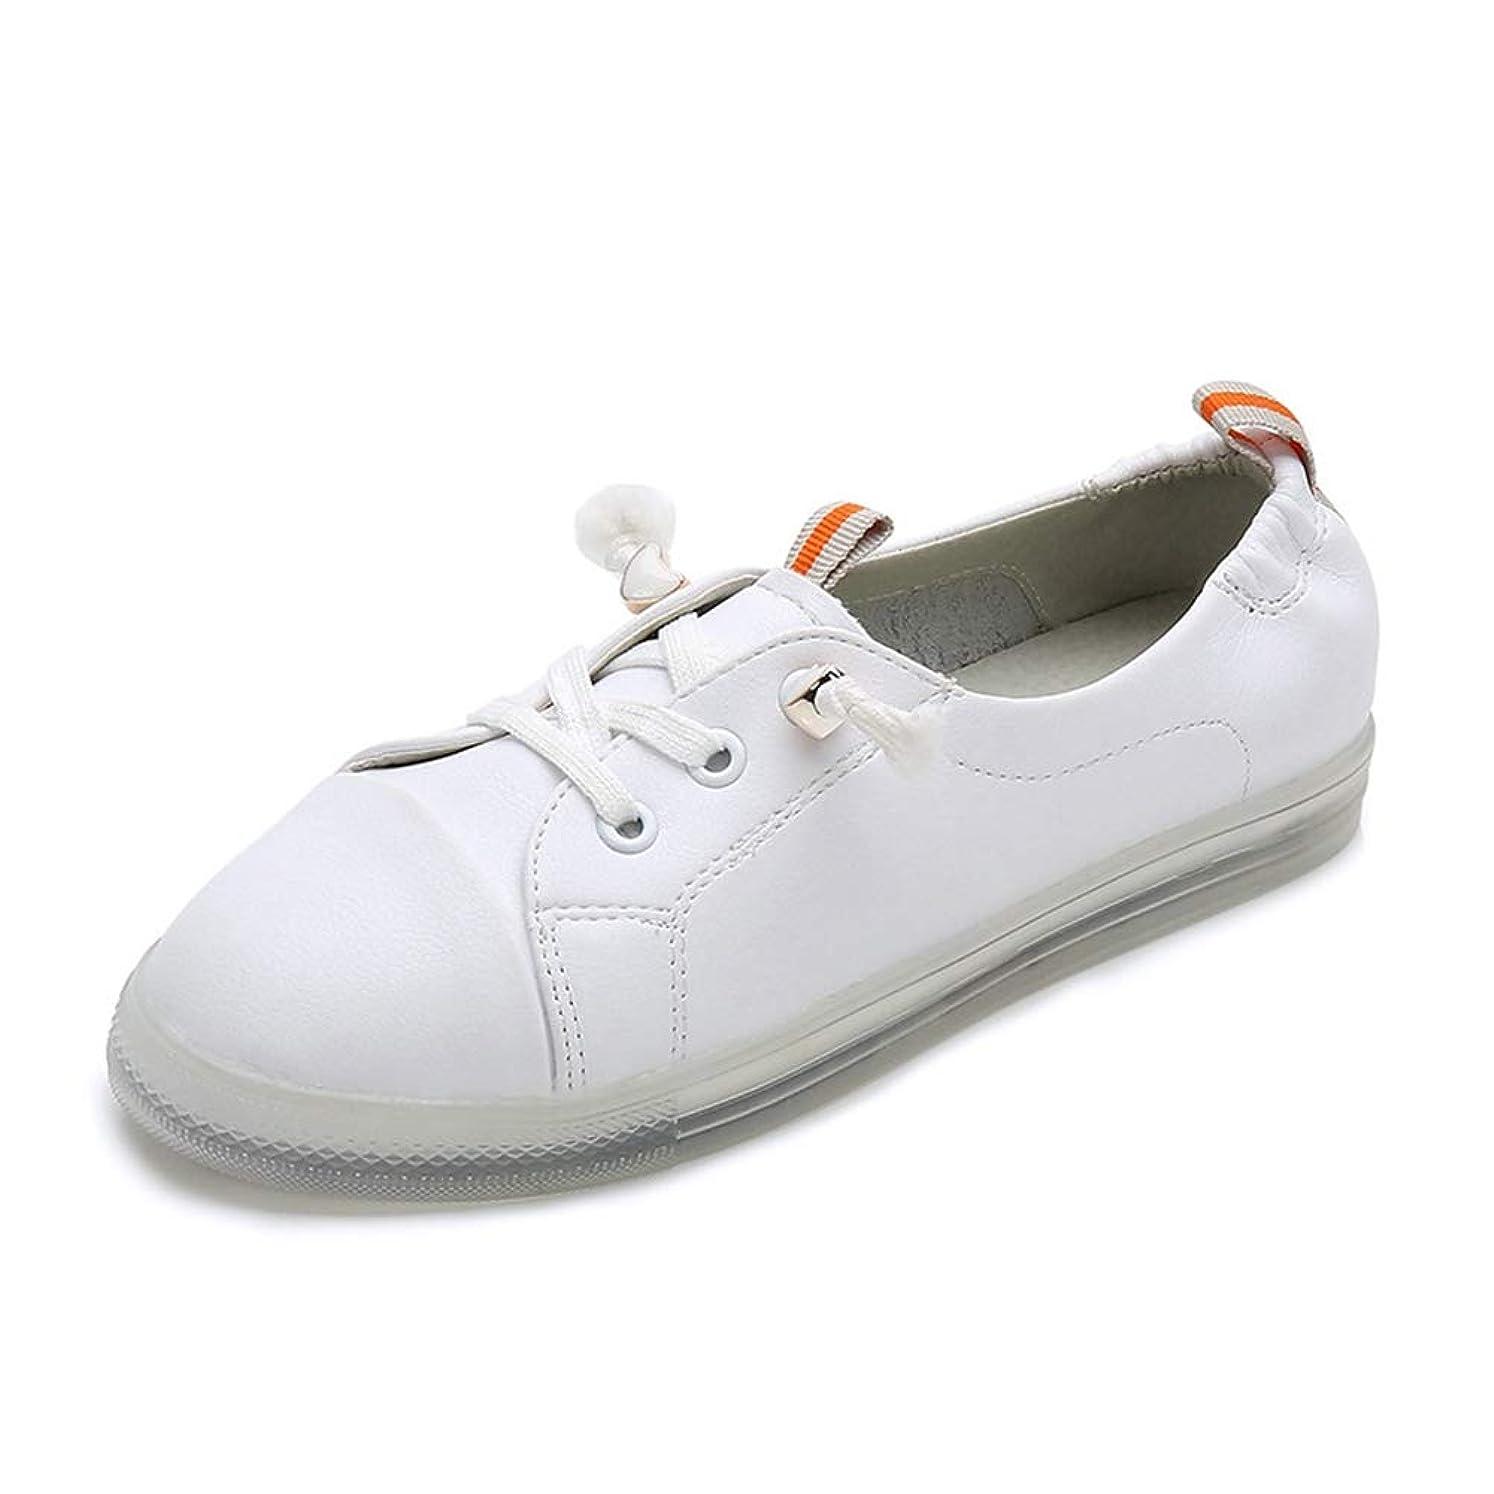 露出度の高い伝記スクリューぺたんこ フラットシューズ レディース スリッポン レザー 柔軟性 シンプル 学生靴 通勤靴 事務 散歩 トラベル スニーカー 痛くない ミッドカット 履きやすい カジュアル 白